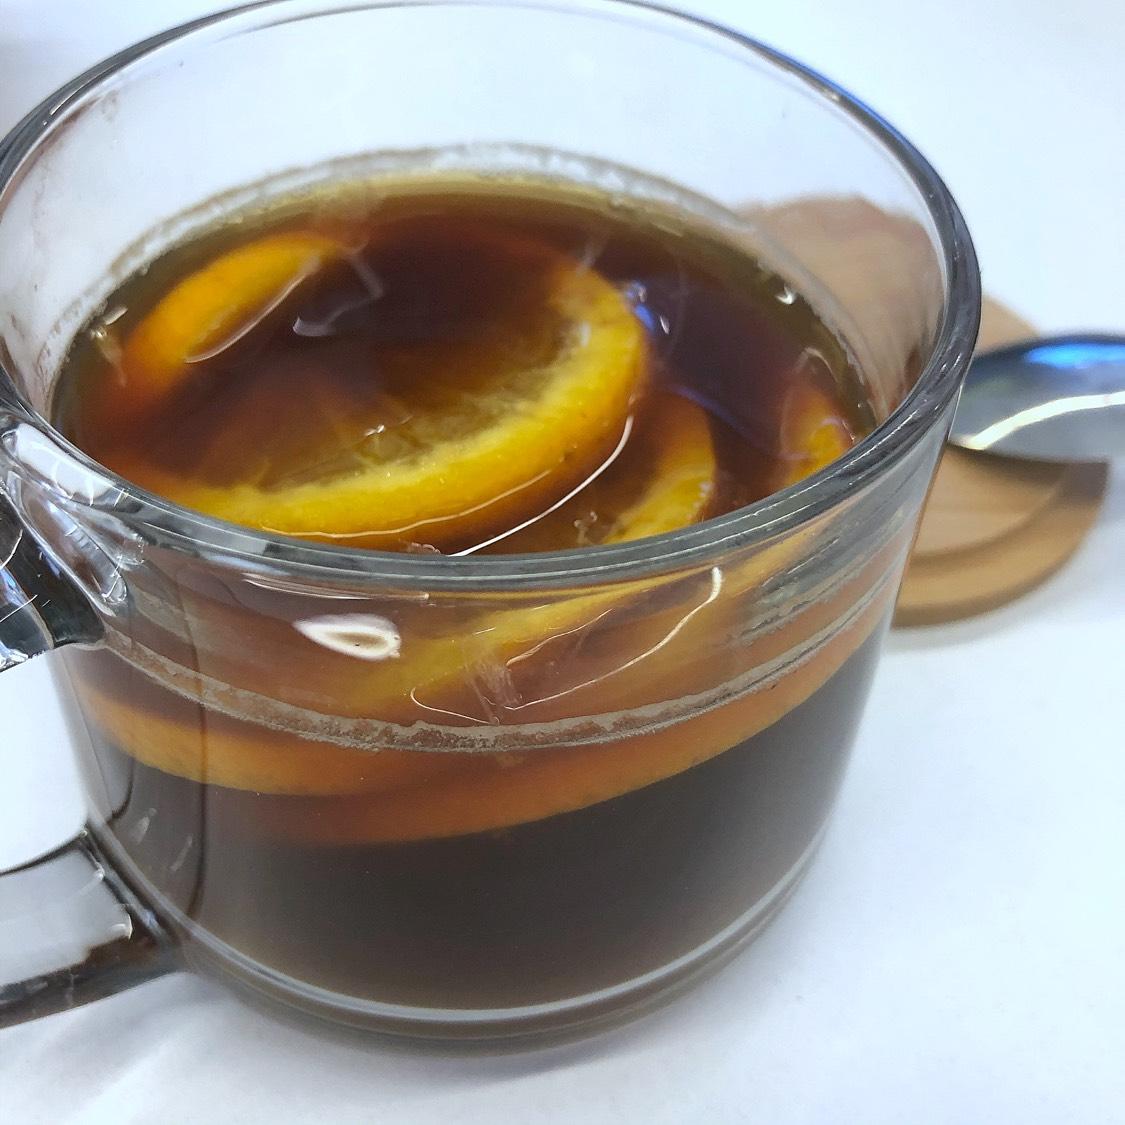 搅拌均匀咖啡冻干,可以根据个人喜好放入白砂糖或者牛奶或薄荷叶点缀一下哦